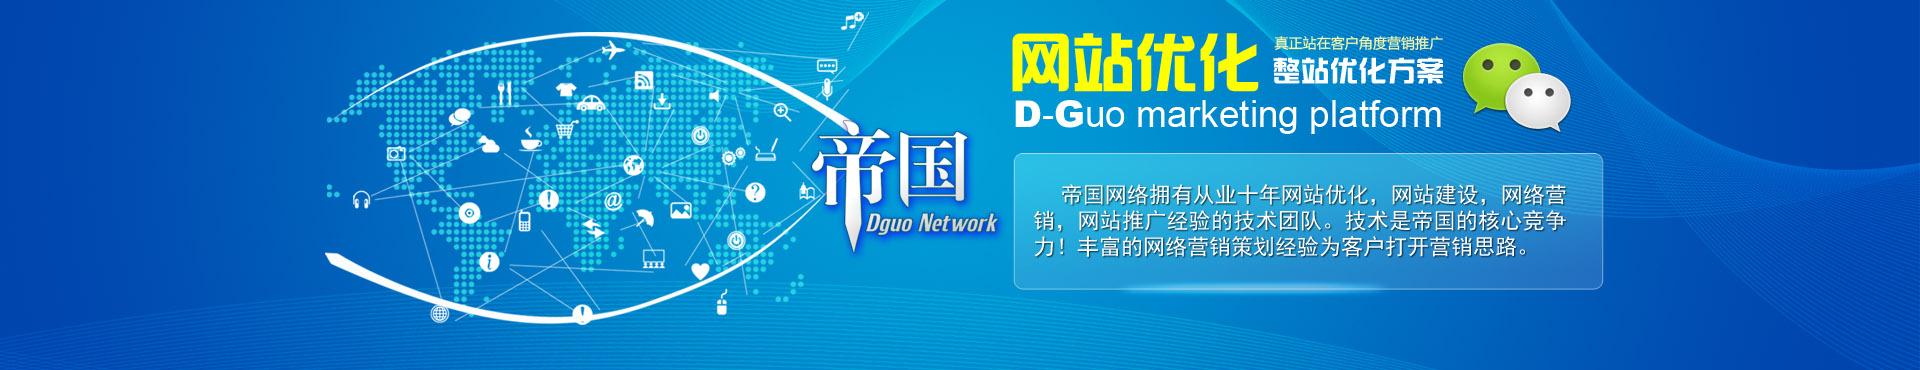 H5网站发展趋势分析 上海最好的H5网站建设公司有哪些多少钱?